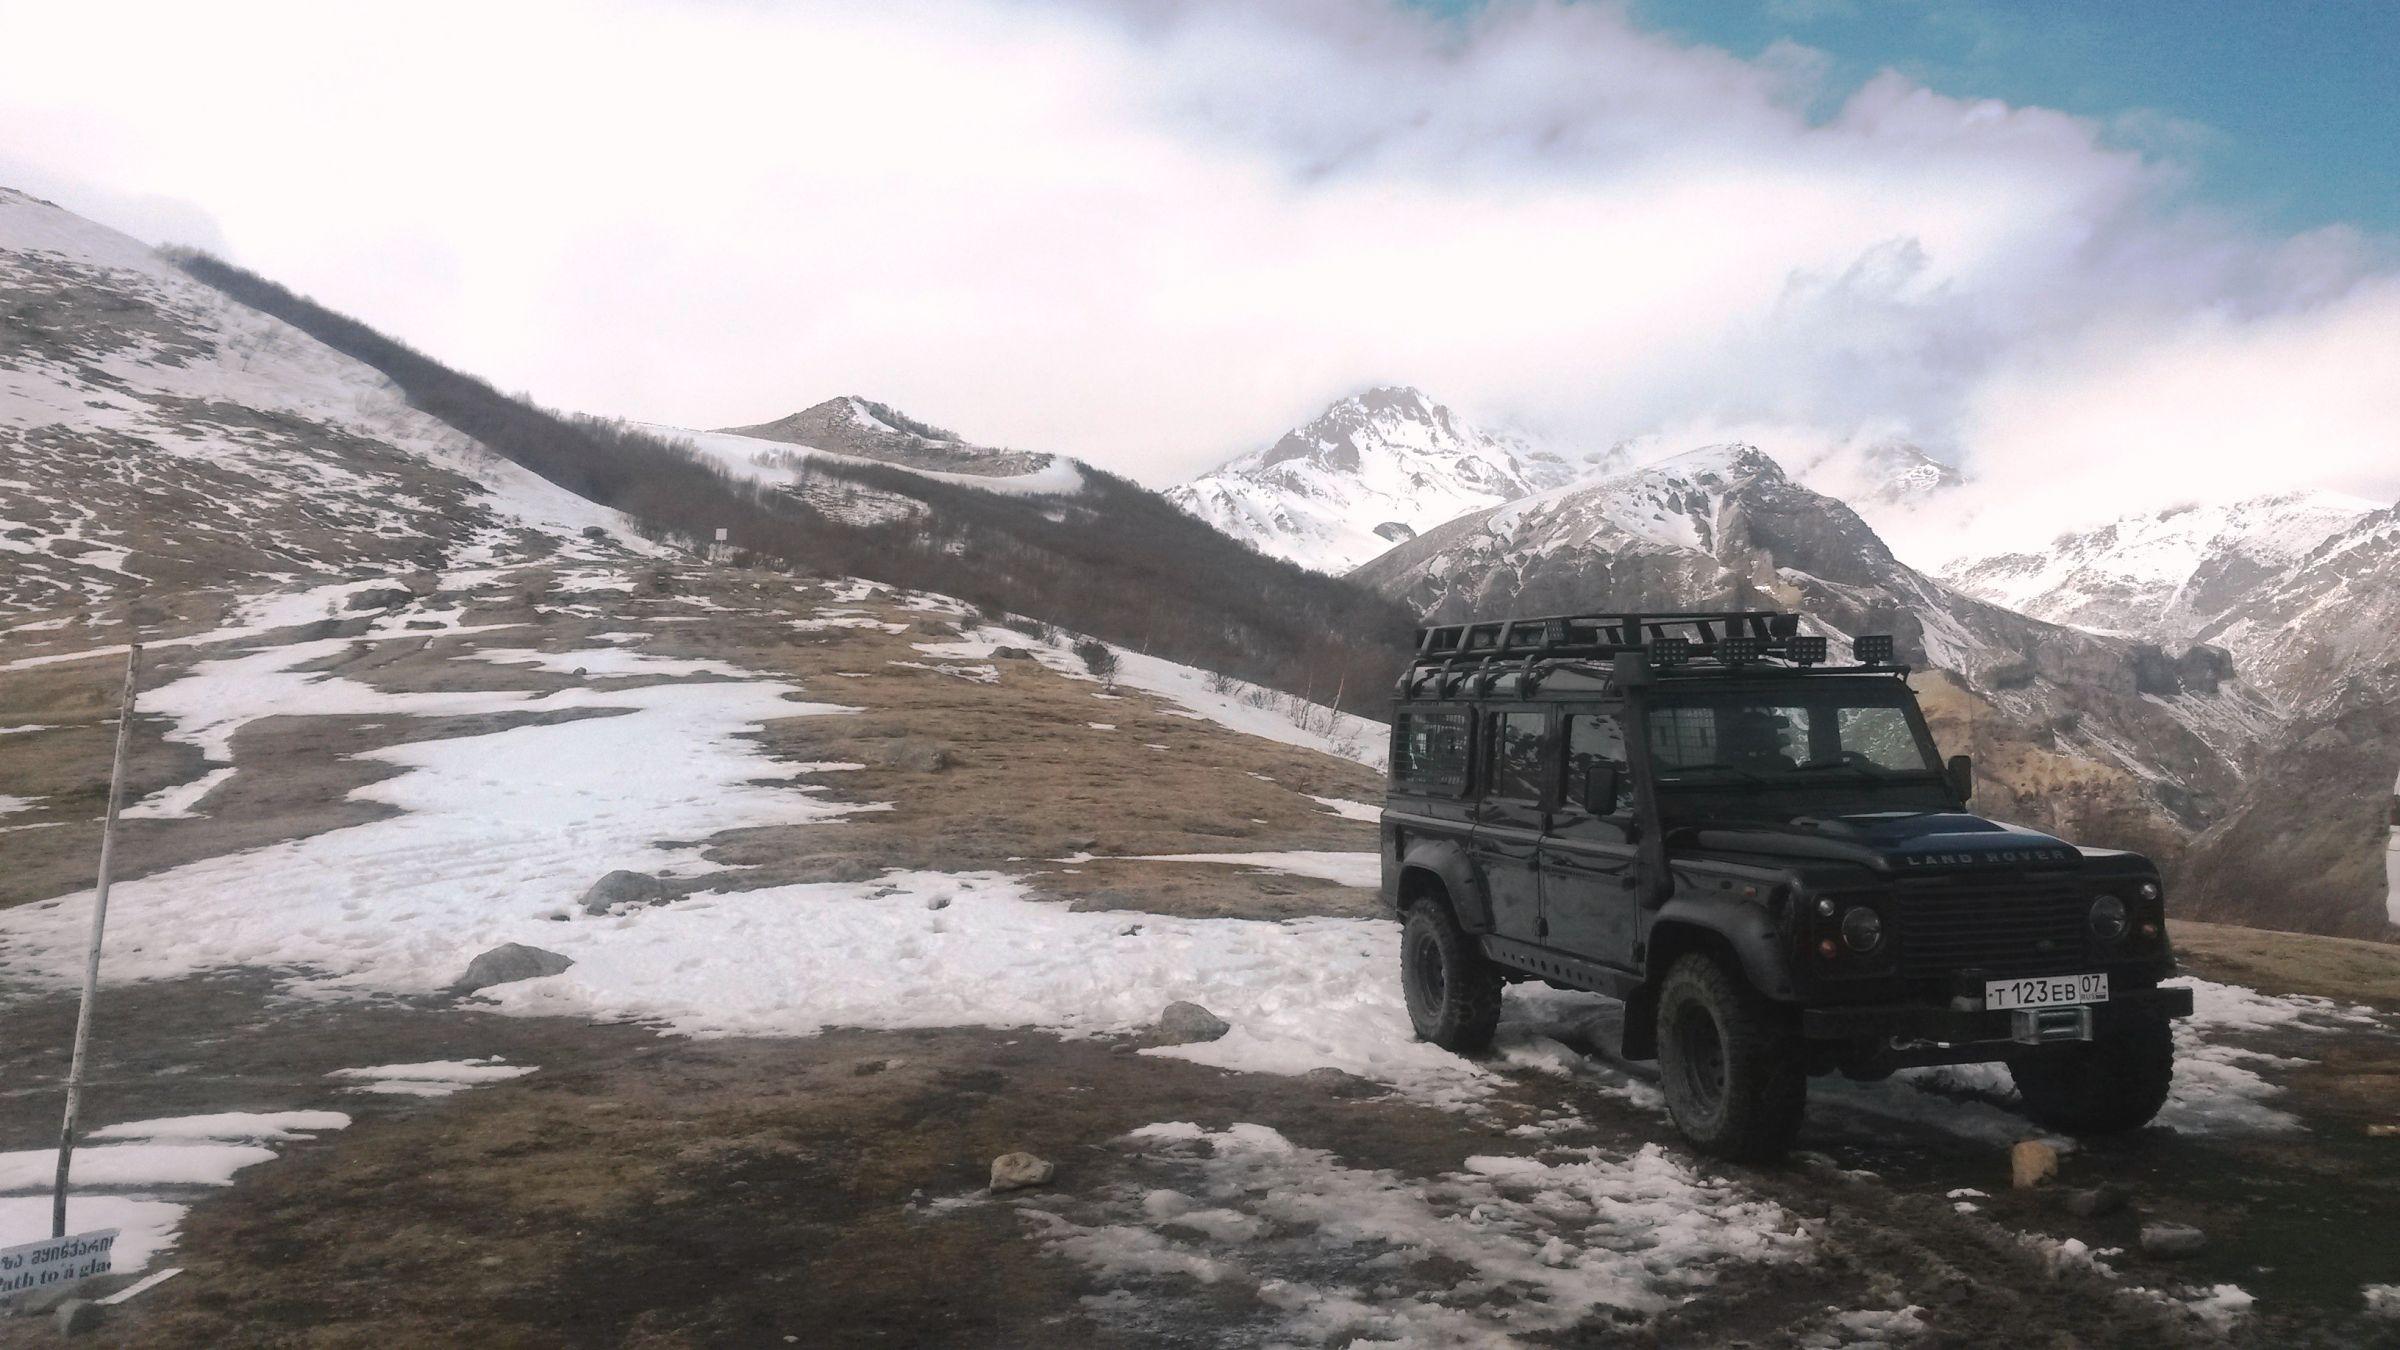 Ски-тур на Казбеке: наш надёжный спутник Дефендер